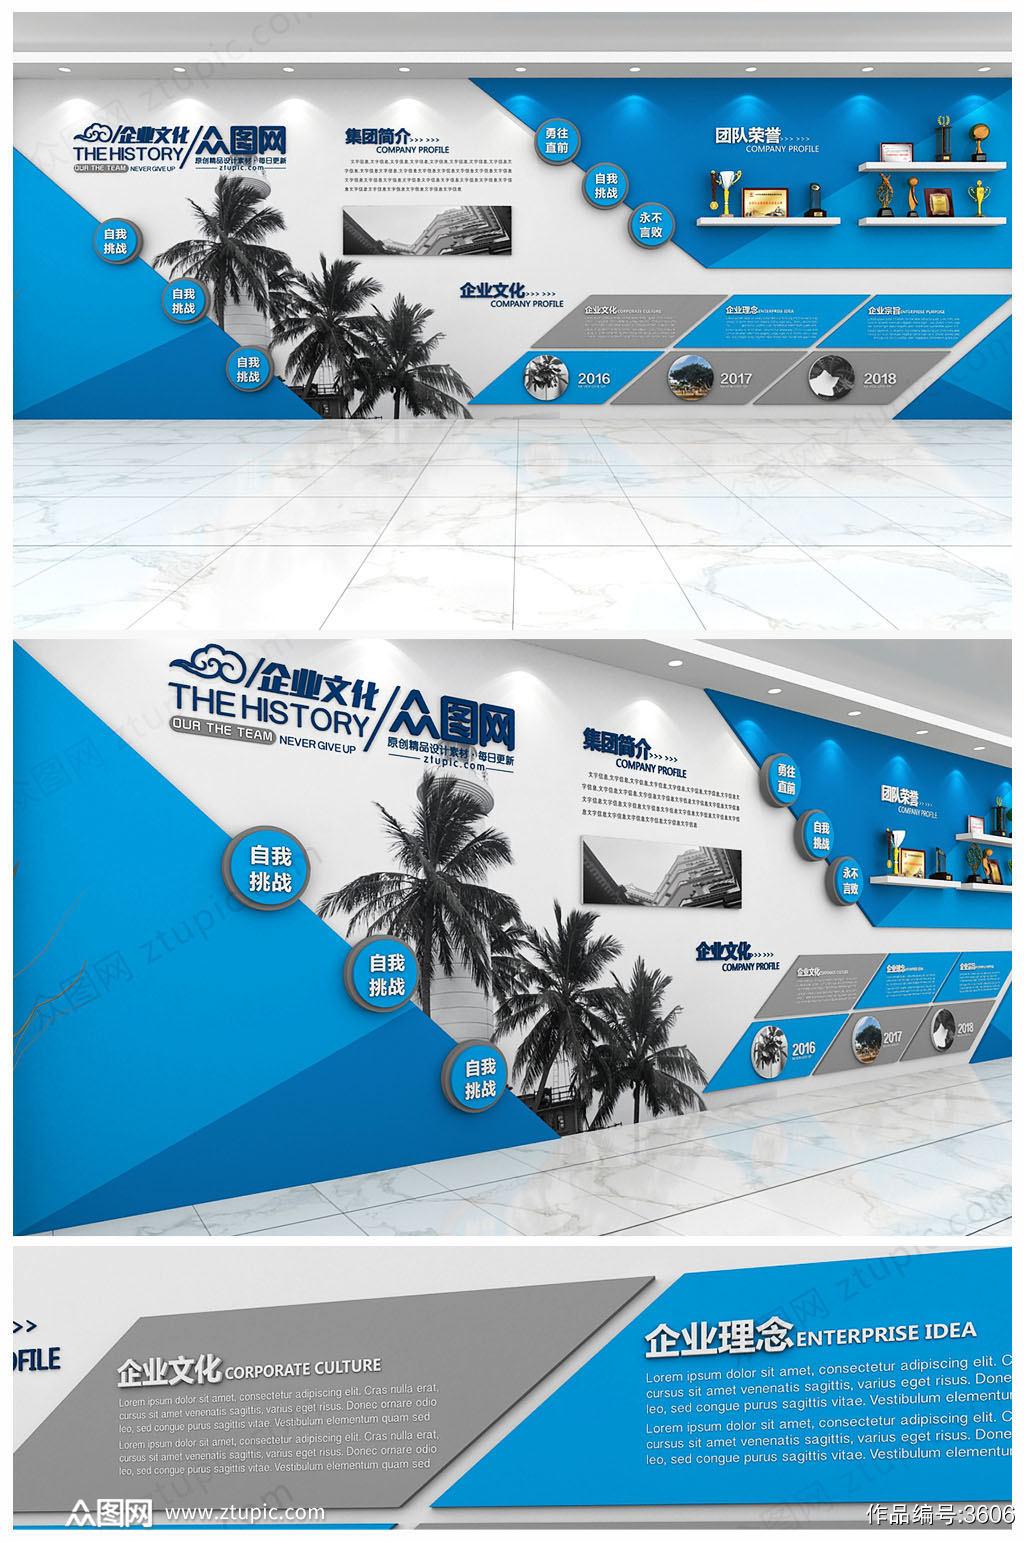 简约蓝色科技大型办公形象墙企业文化墙素材